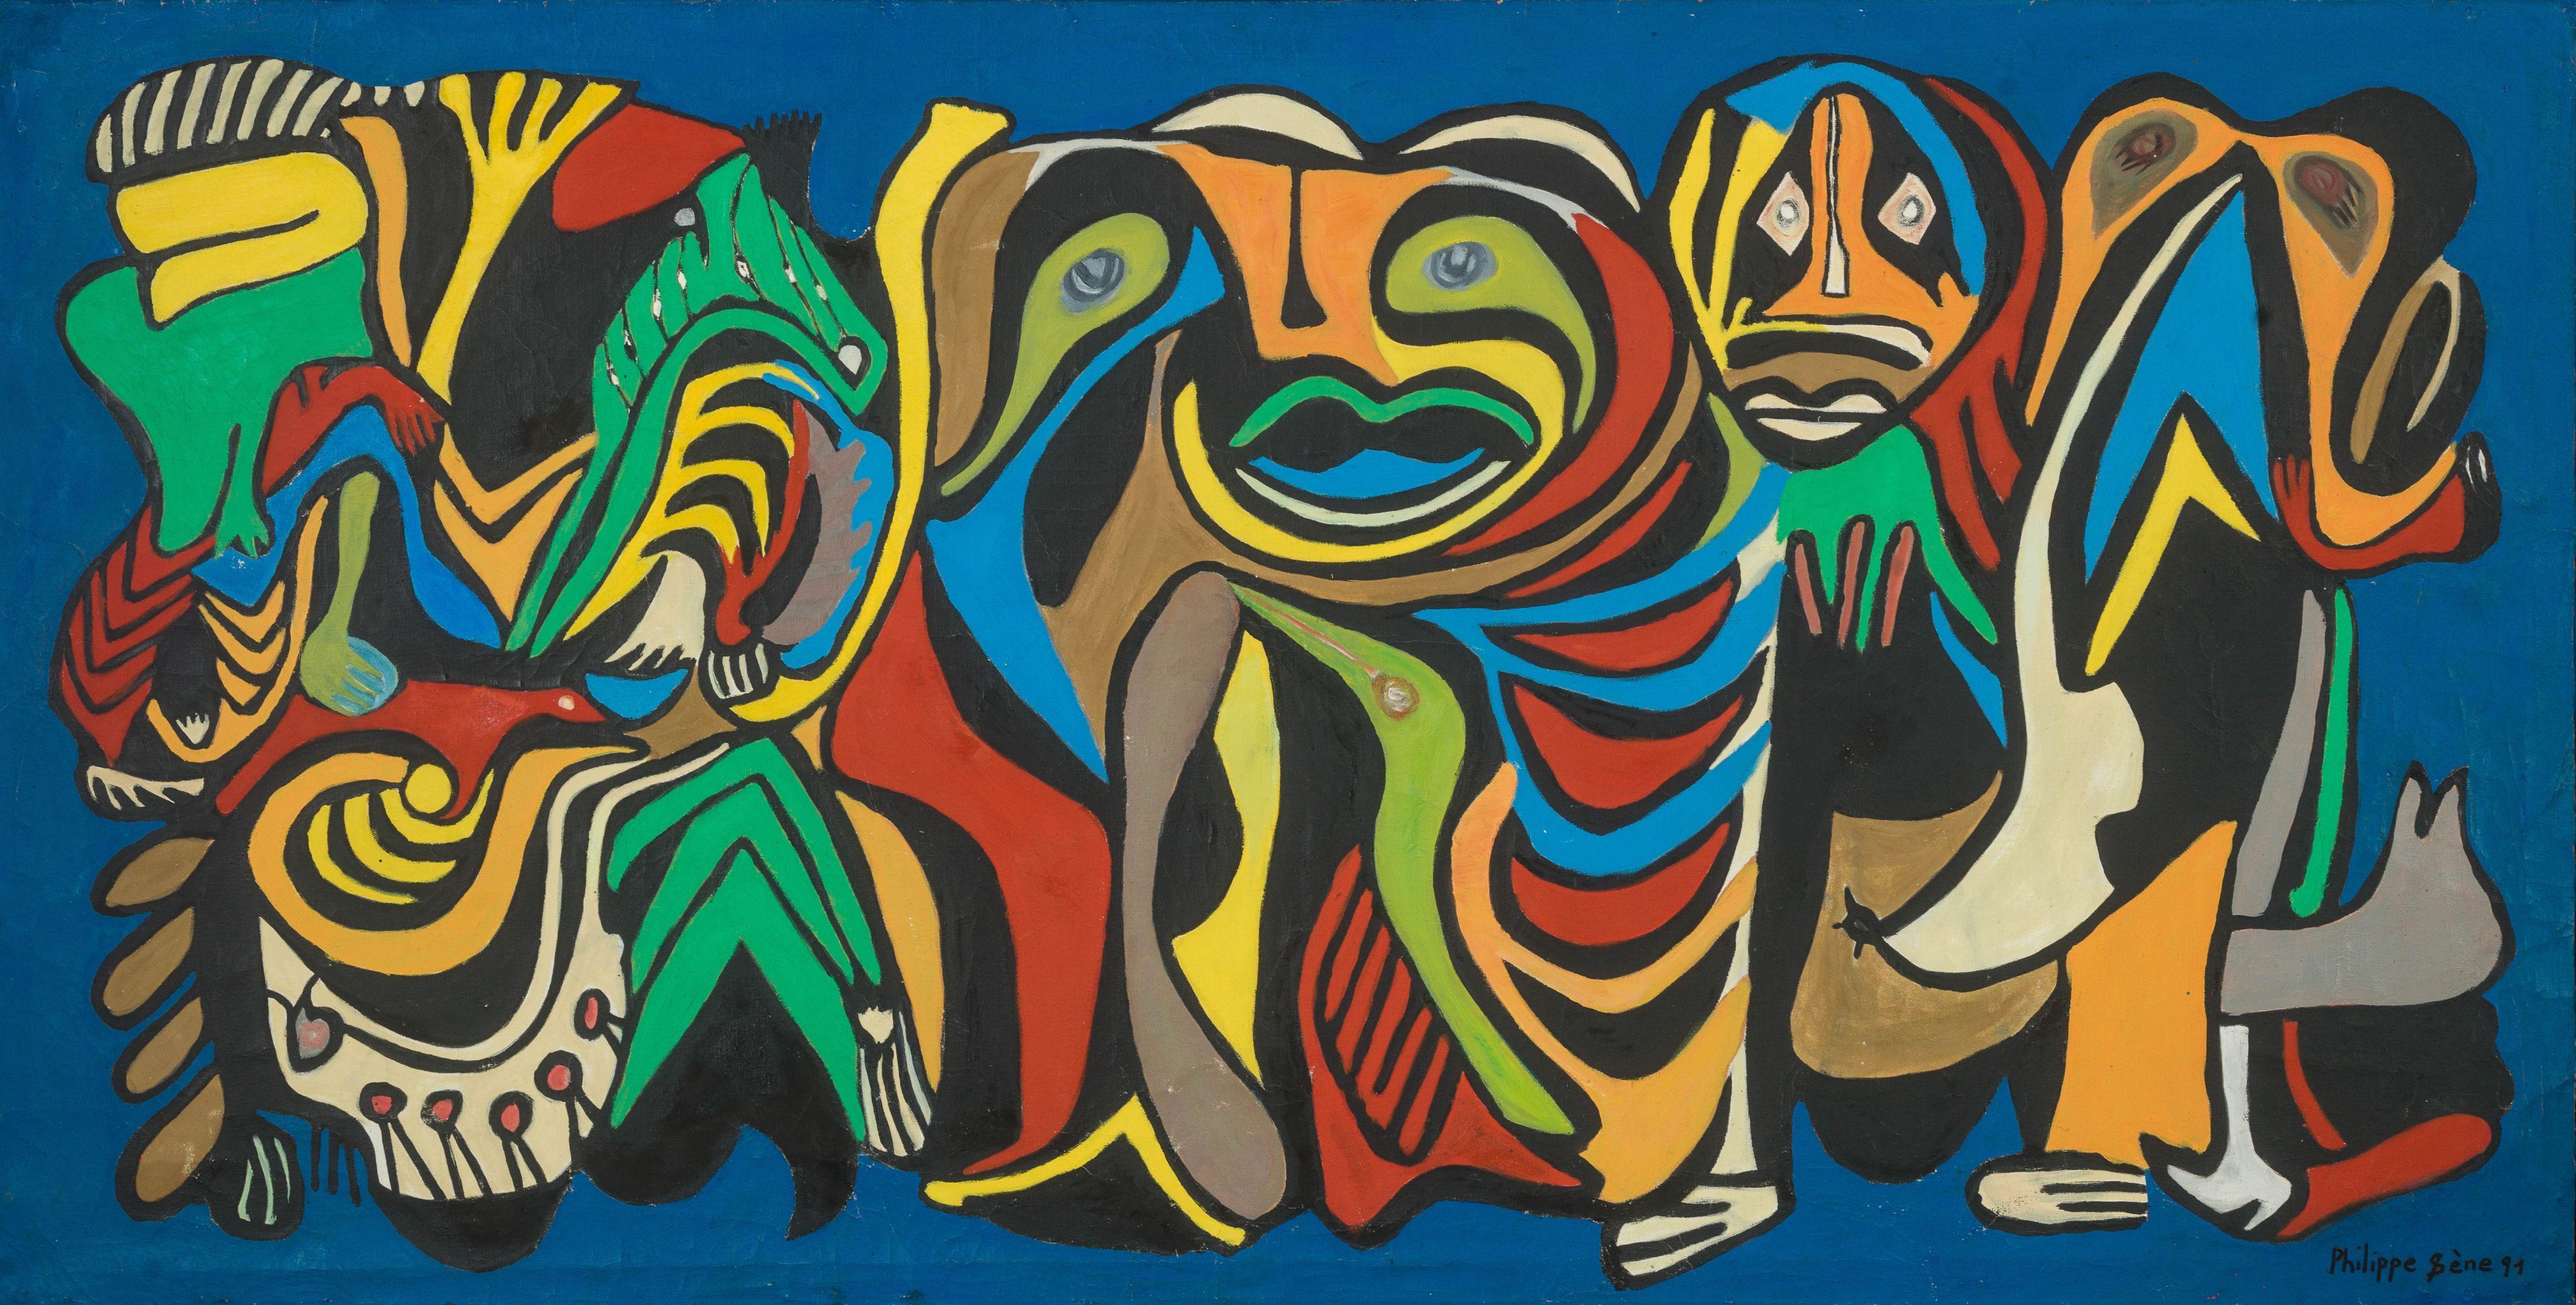 Philippe SÈNE né en 1945 - Sénégal Les 3 sages, 1991 Huile sur toile